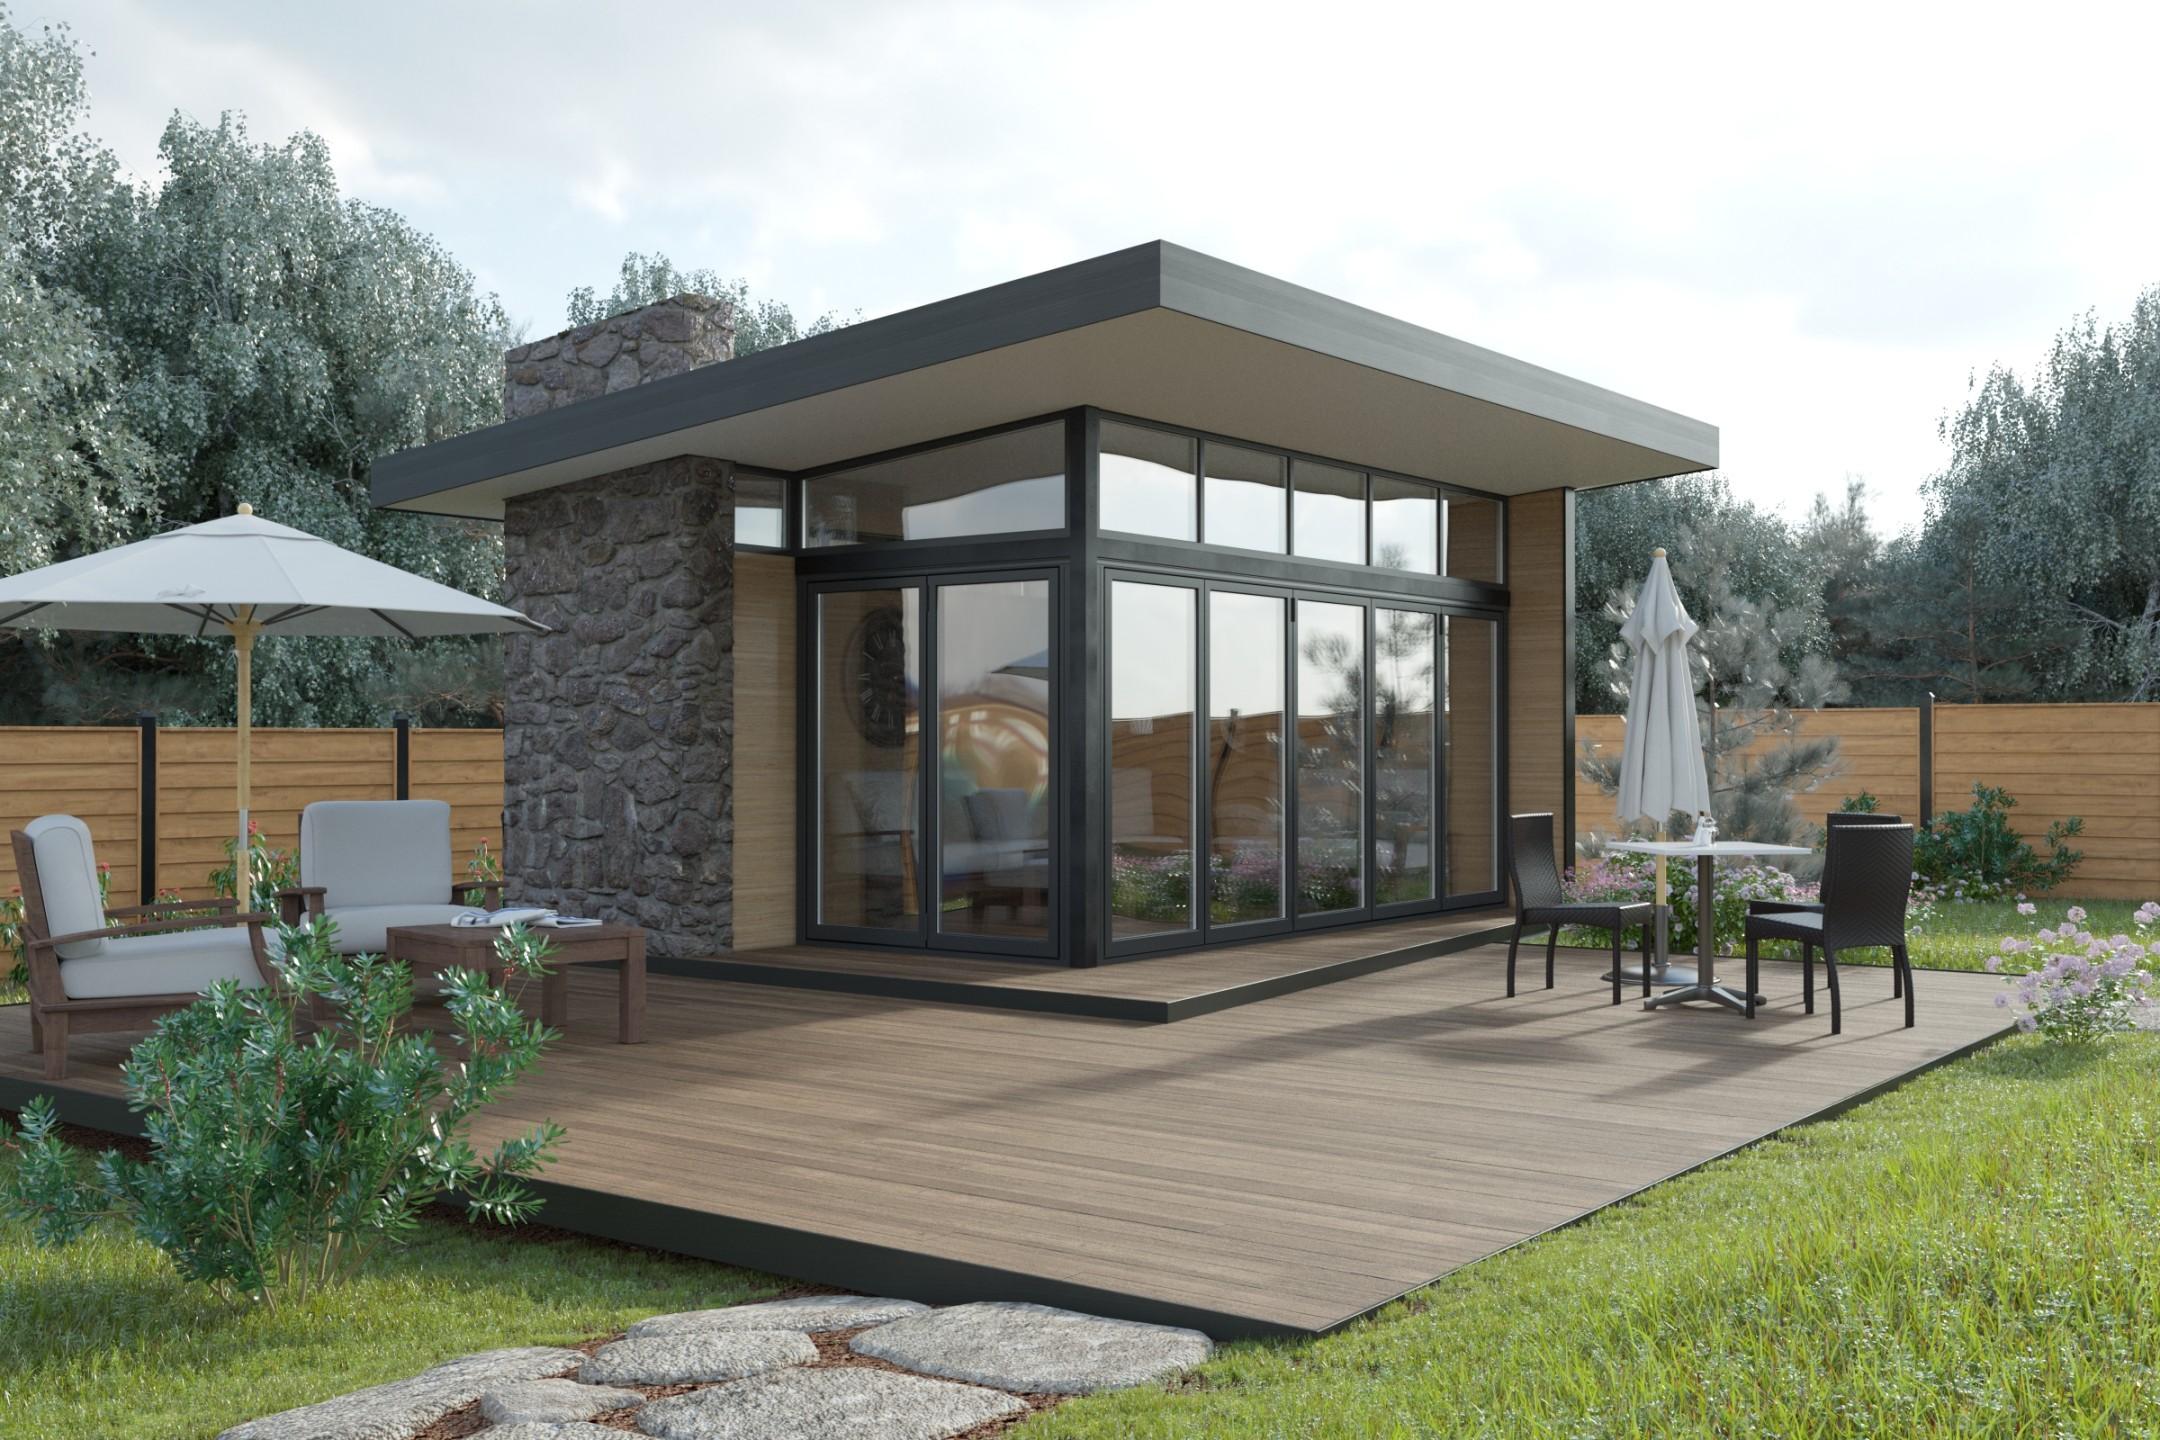 Летний дом с барбекю фото электрокамин димплекс 4 сезона